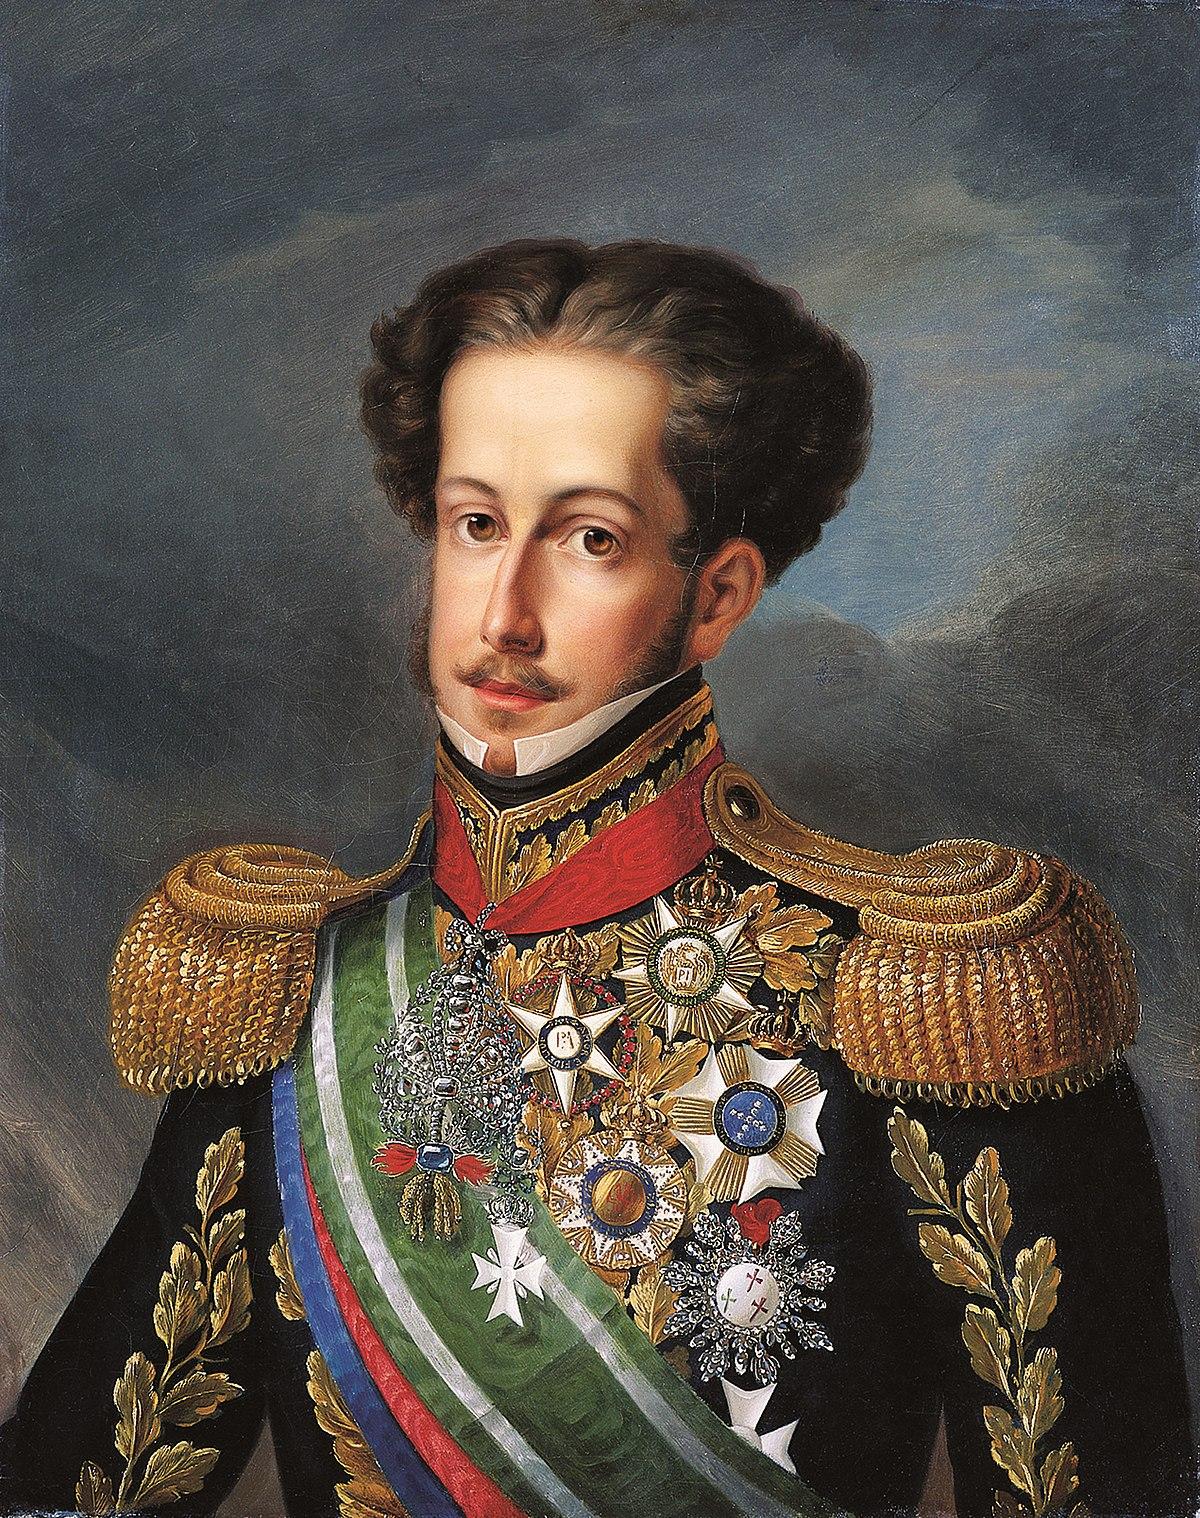 Resultado de imagen de Pedro hijo de juan vi de portugal